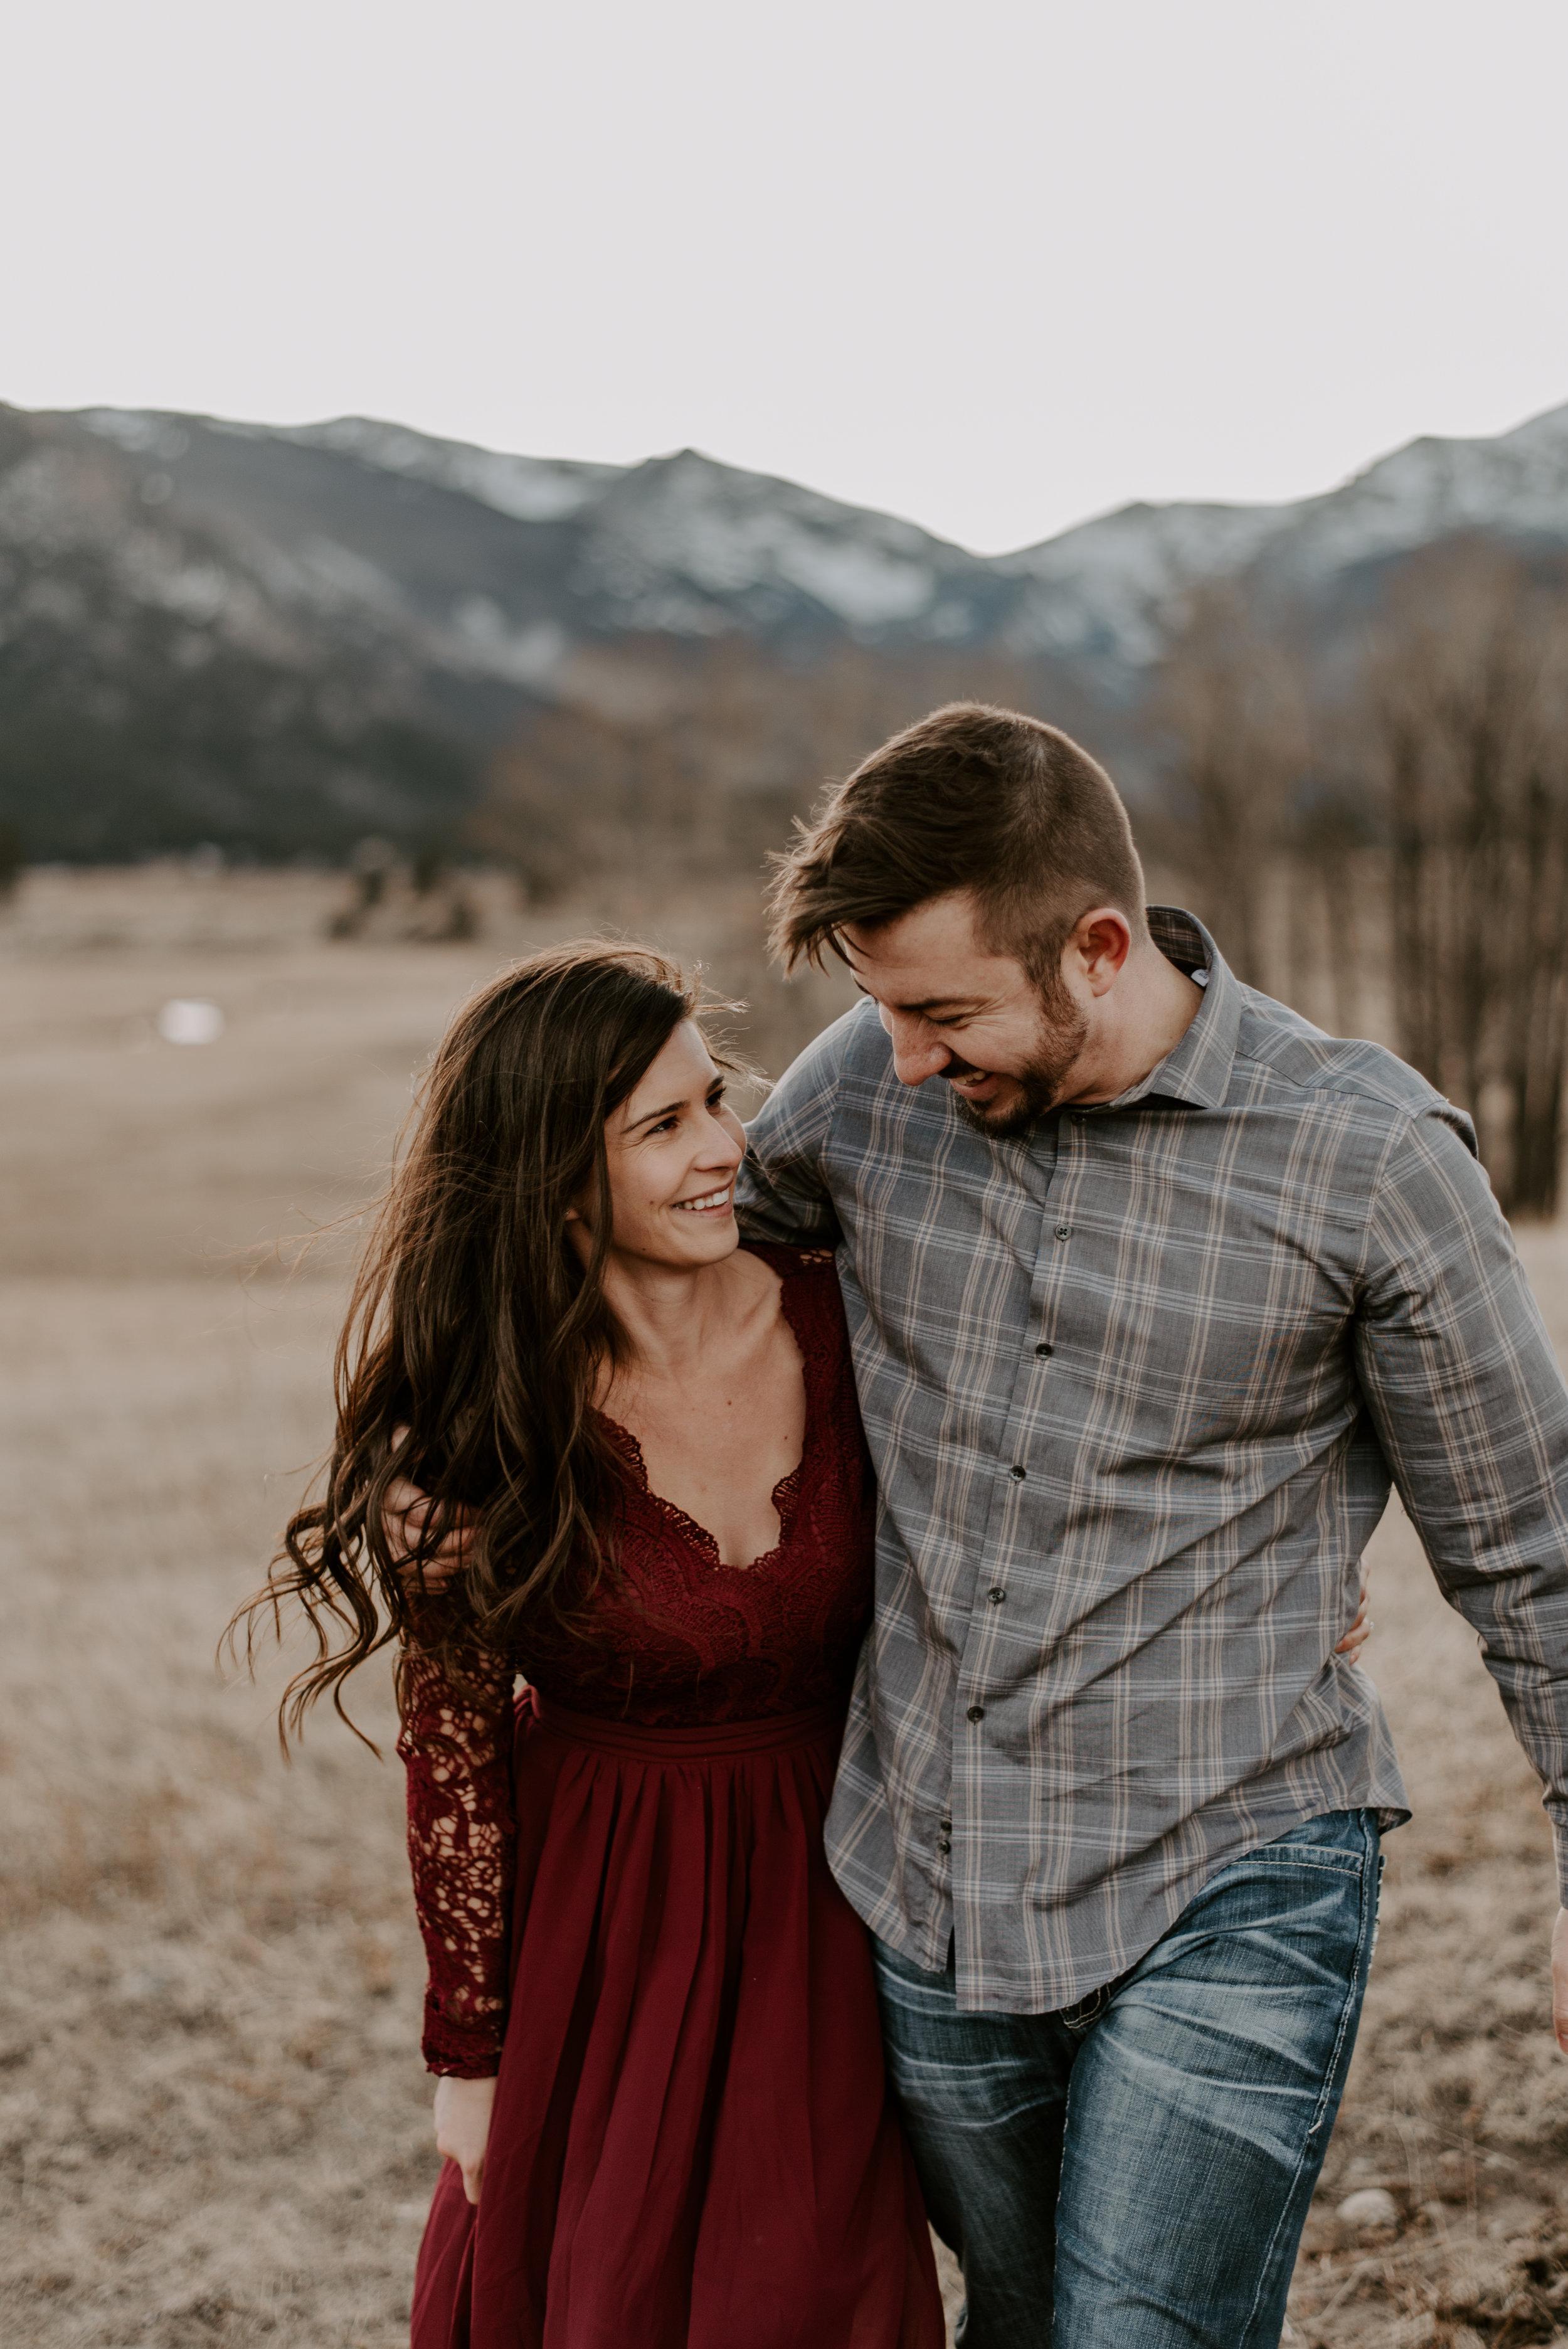 Boho intimate wedding at Moraine Park in Colorado.